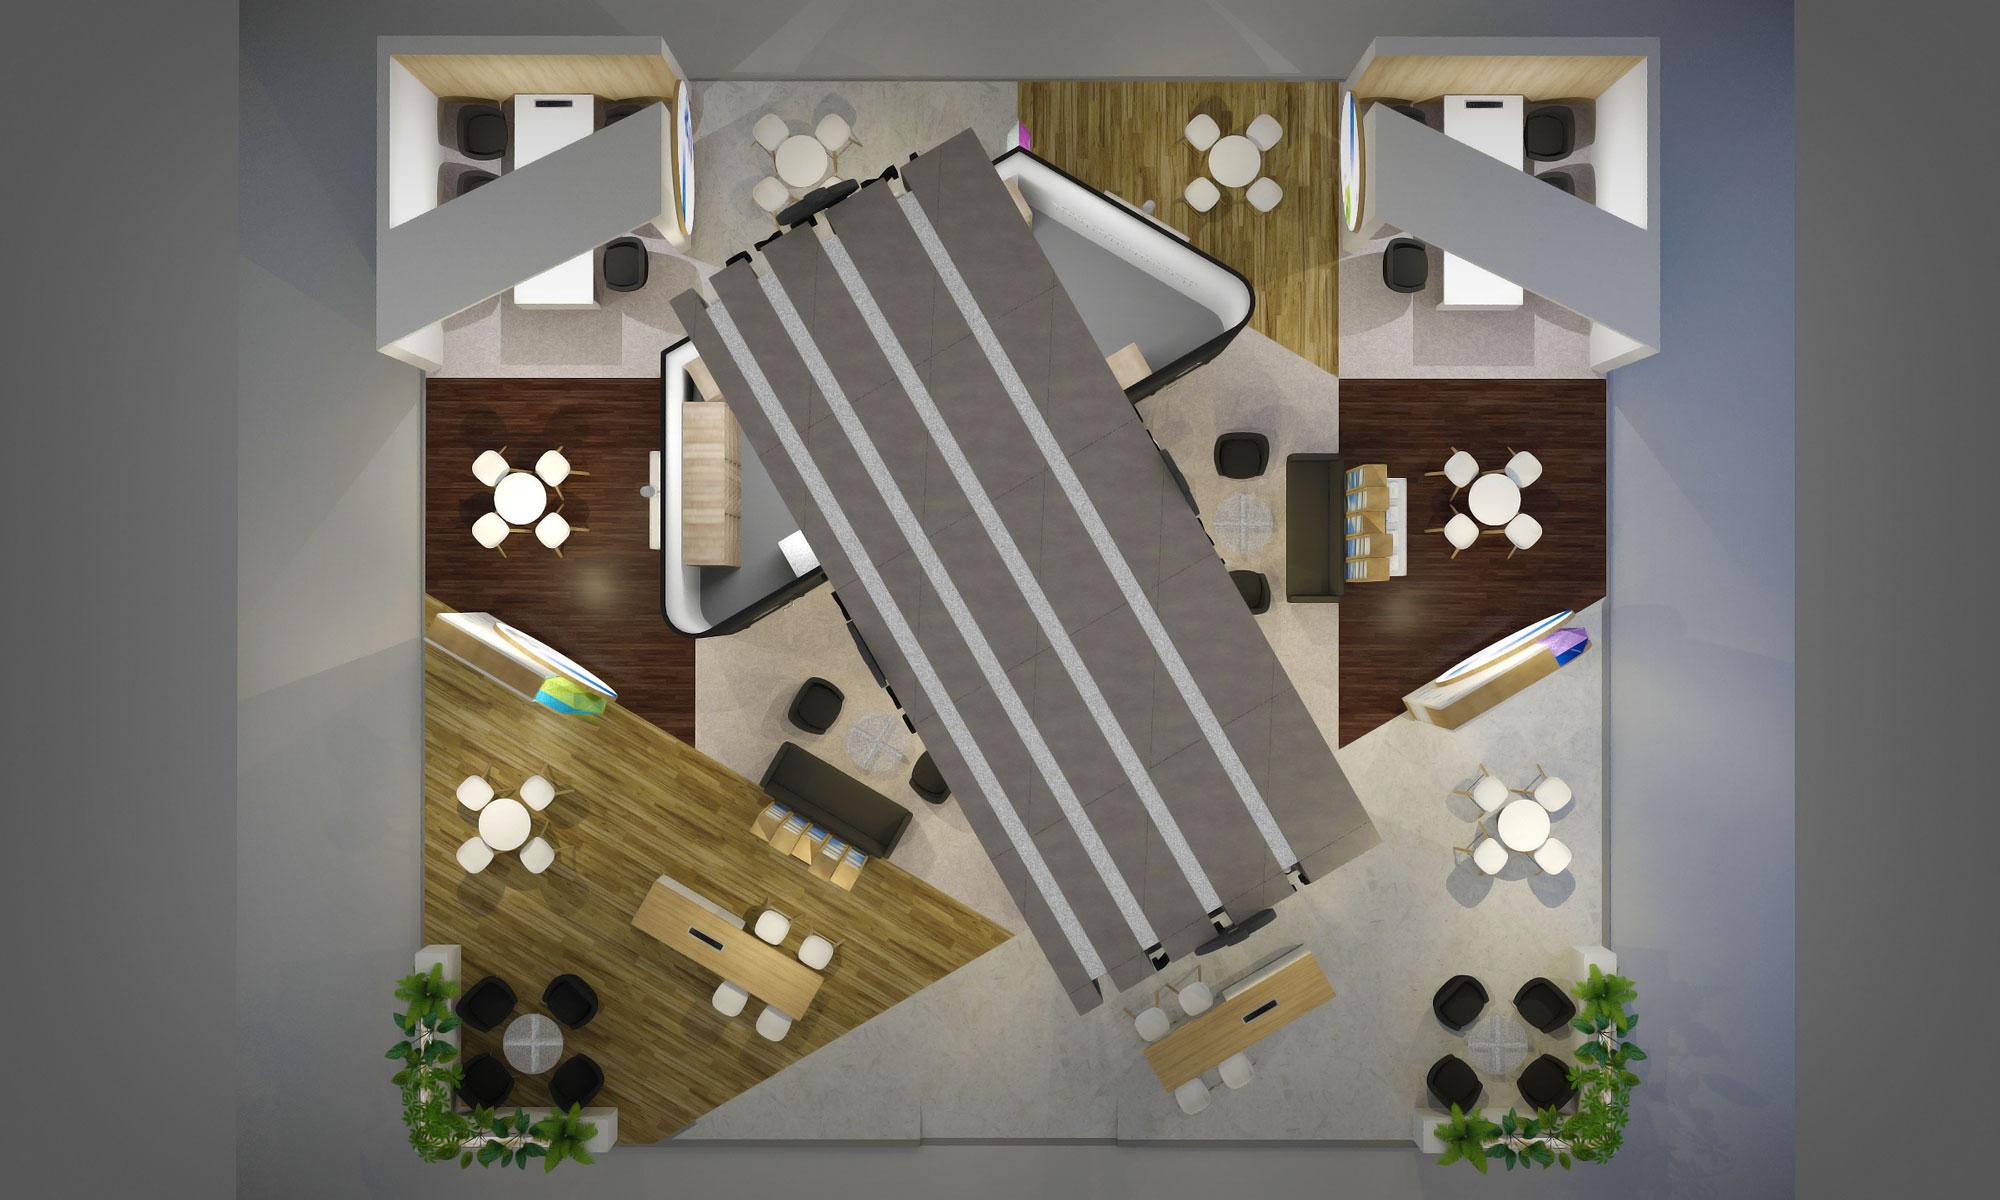 Imerys-ECS-2019-Stand-Design---Concept-C_V2-0007.jpg